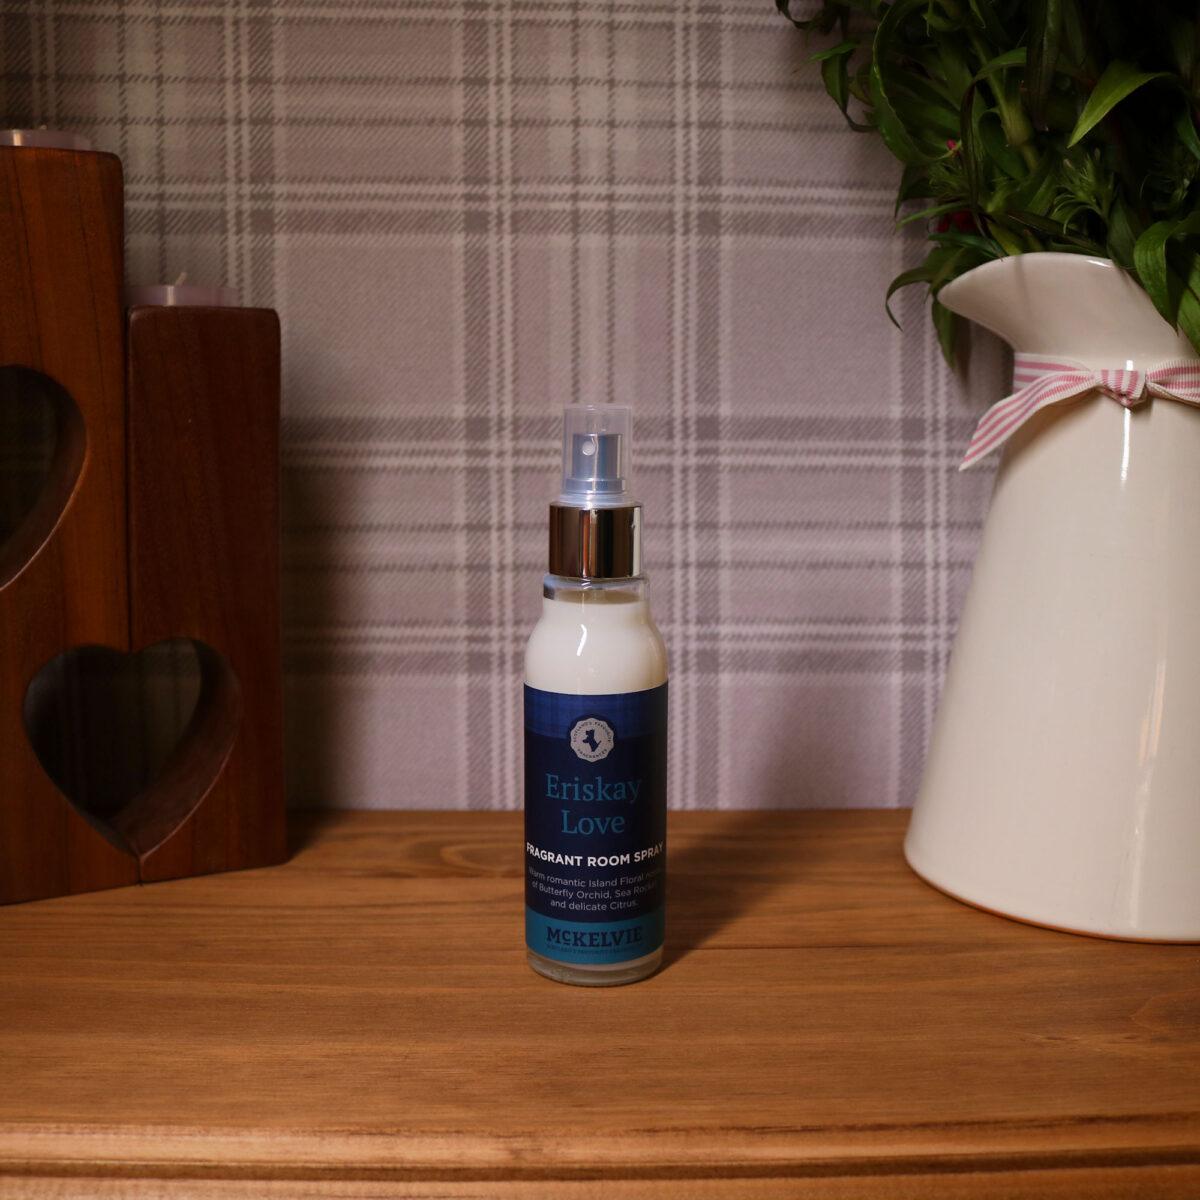 Eriskay Love Fragrant Room Spray